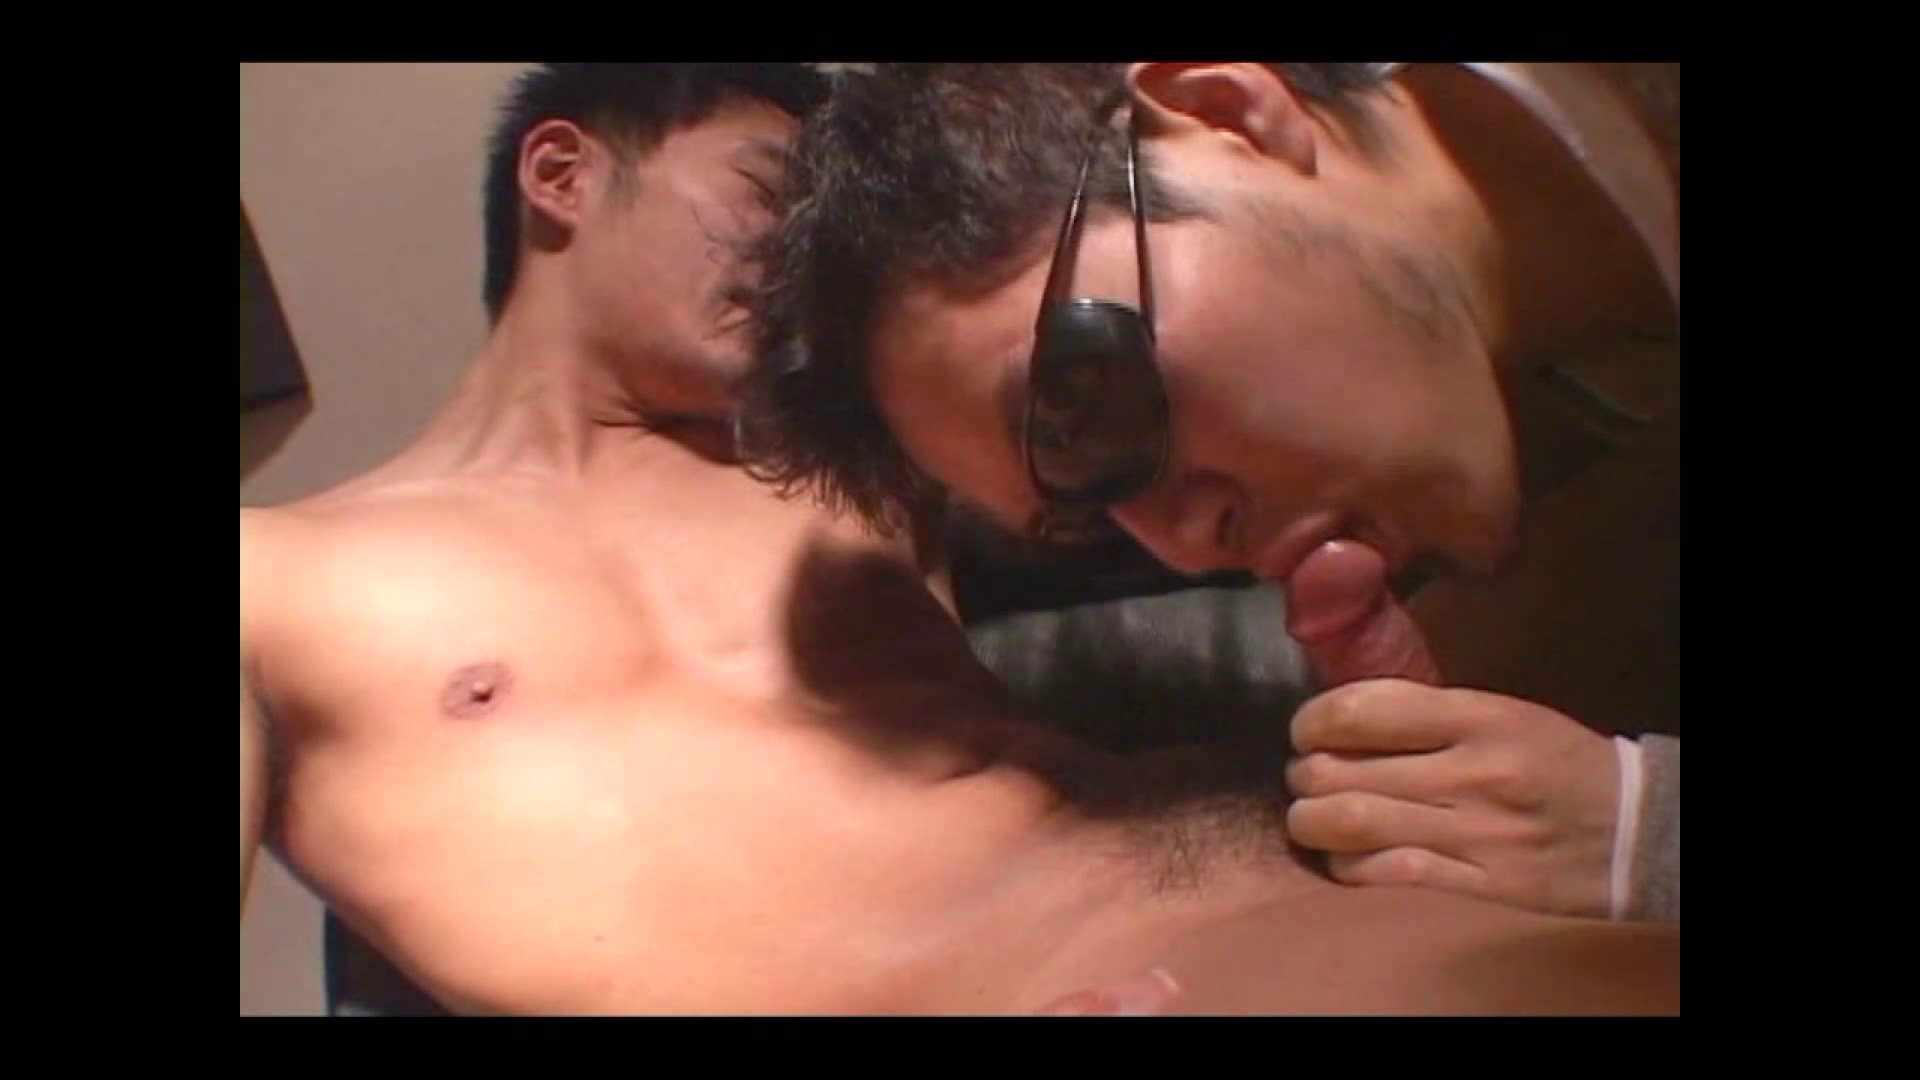 ノンケイケメンの欲望と肉棒 Vol.12 肉にく男子  65枚 16